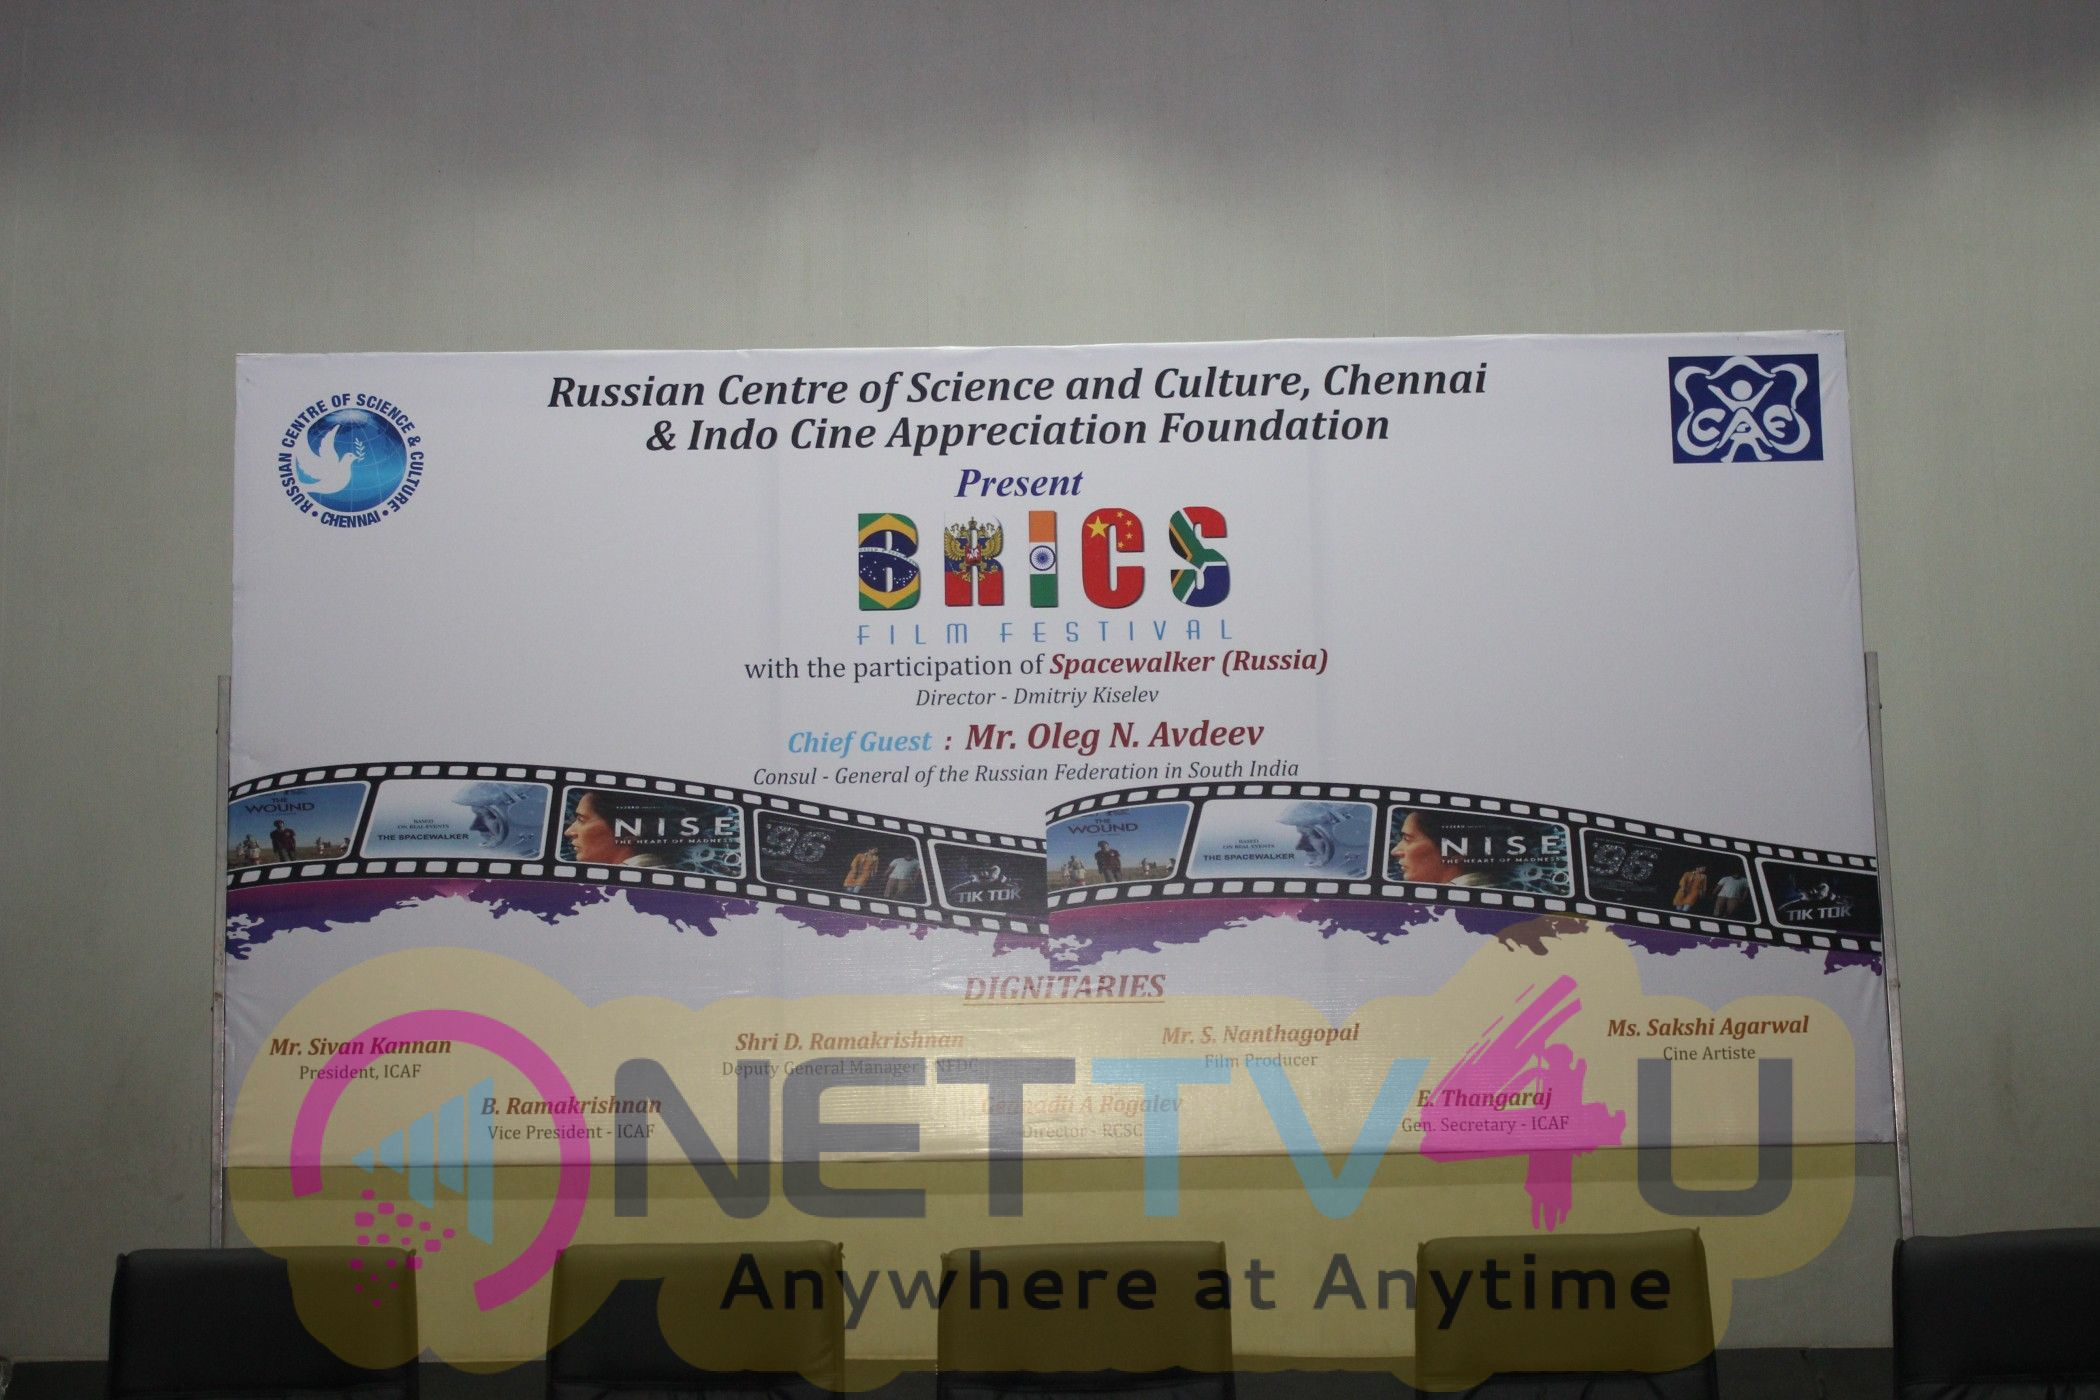 BRICS Film Festival Inauguration Event Images